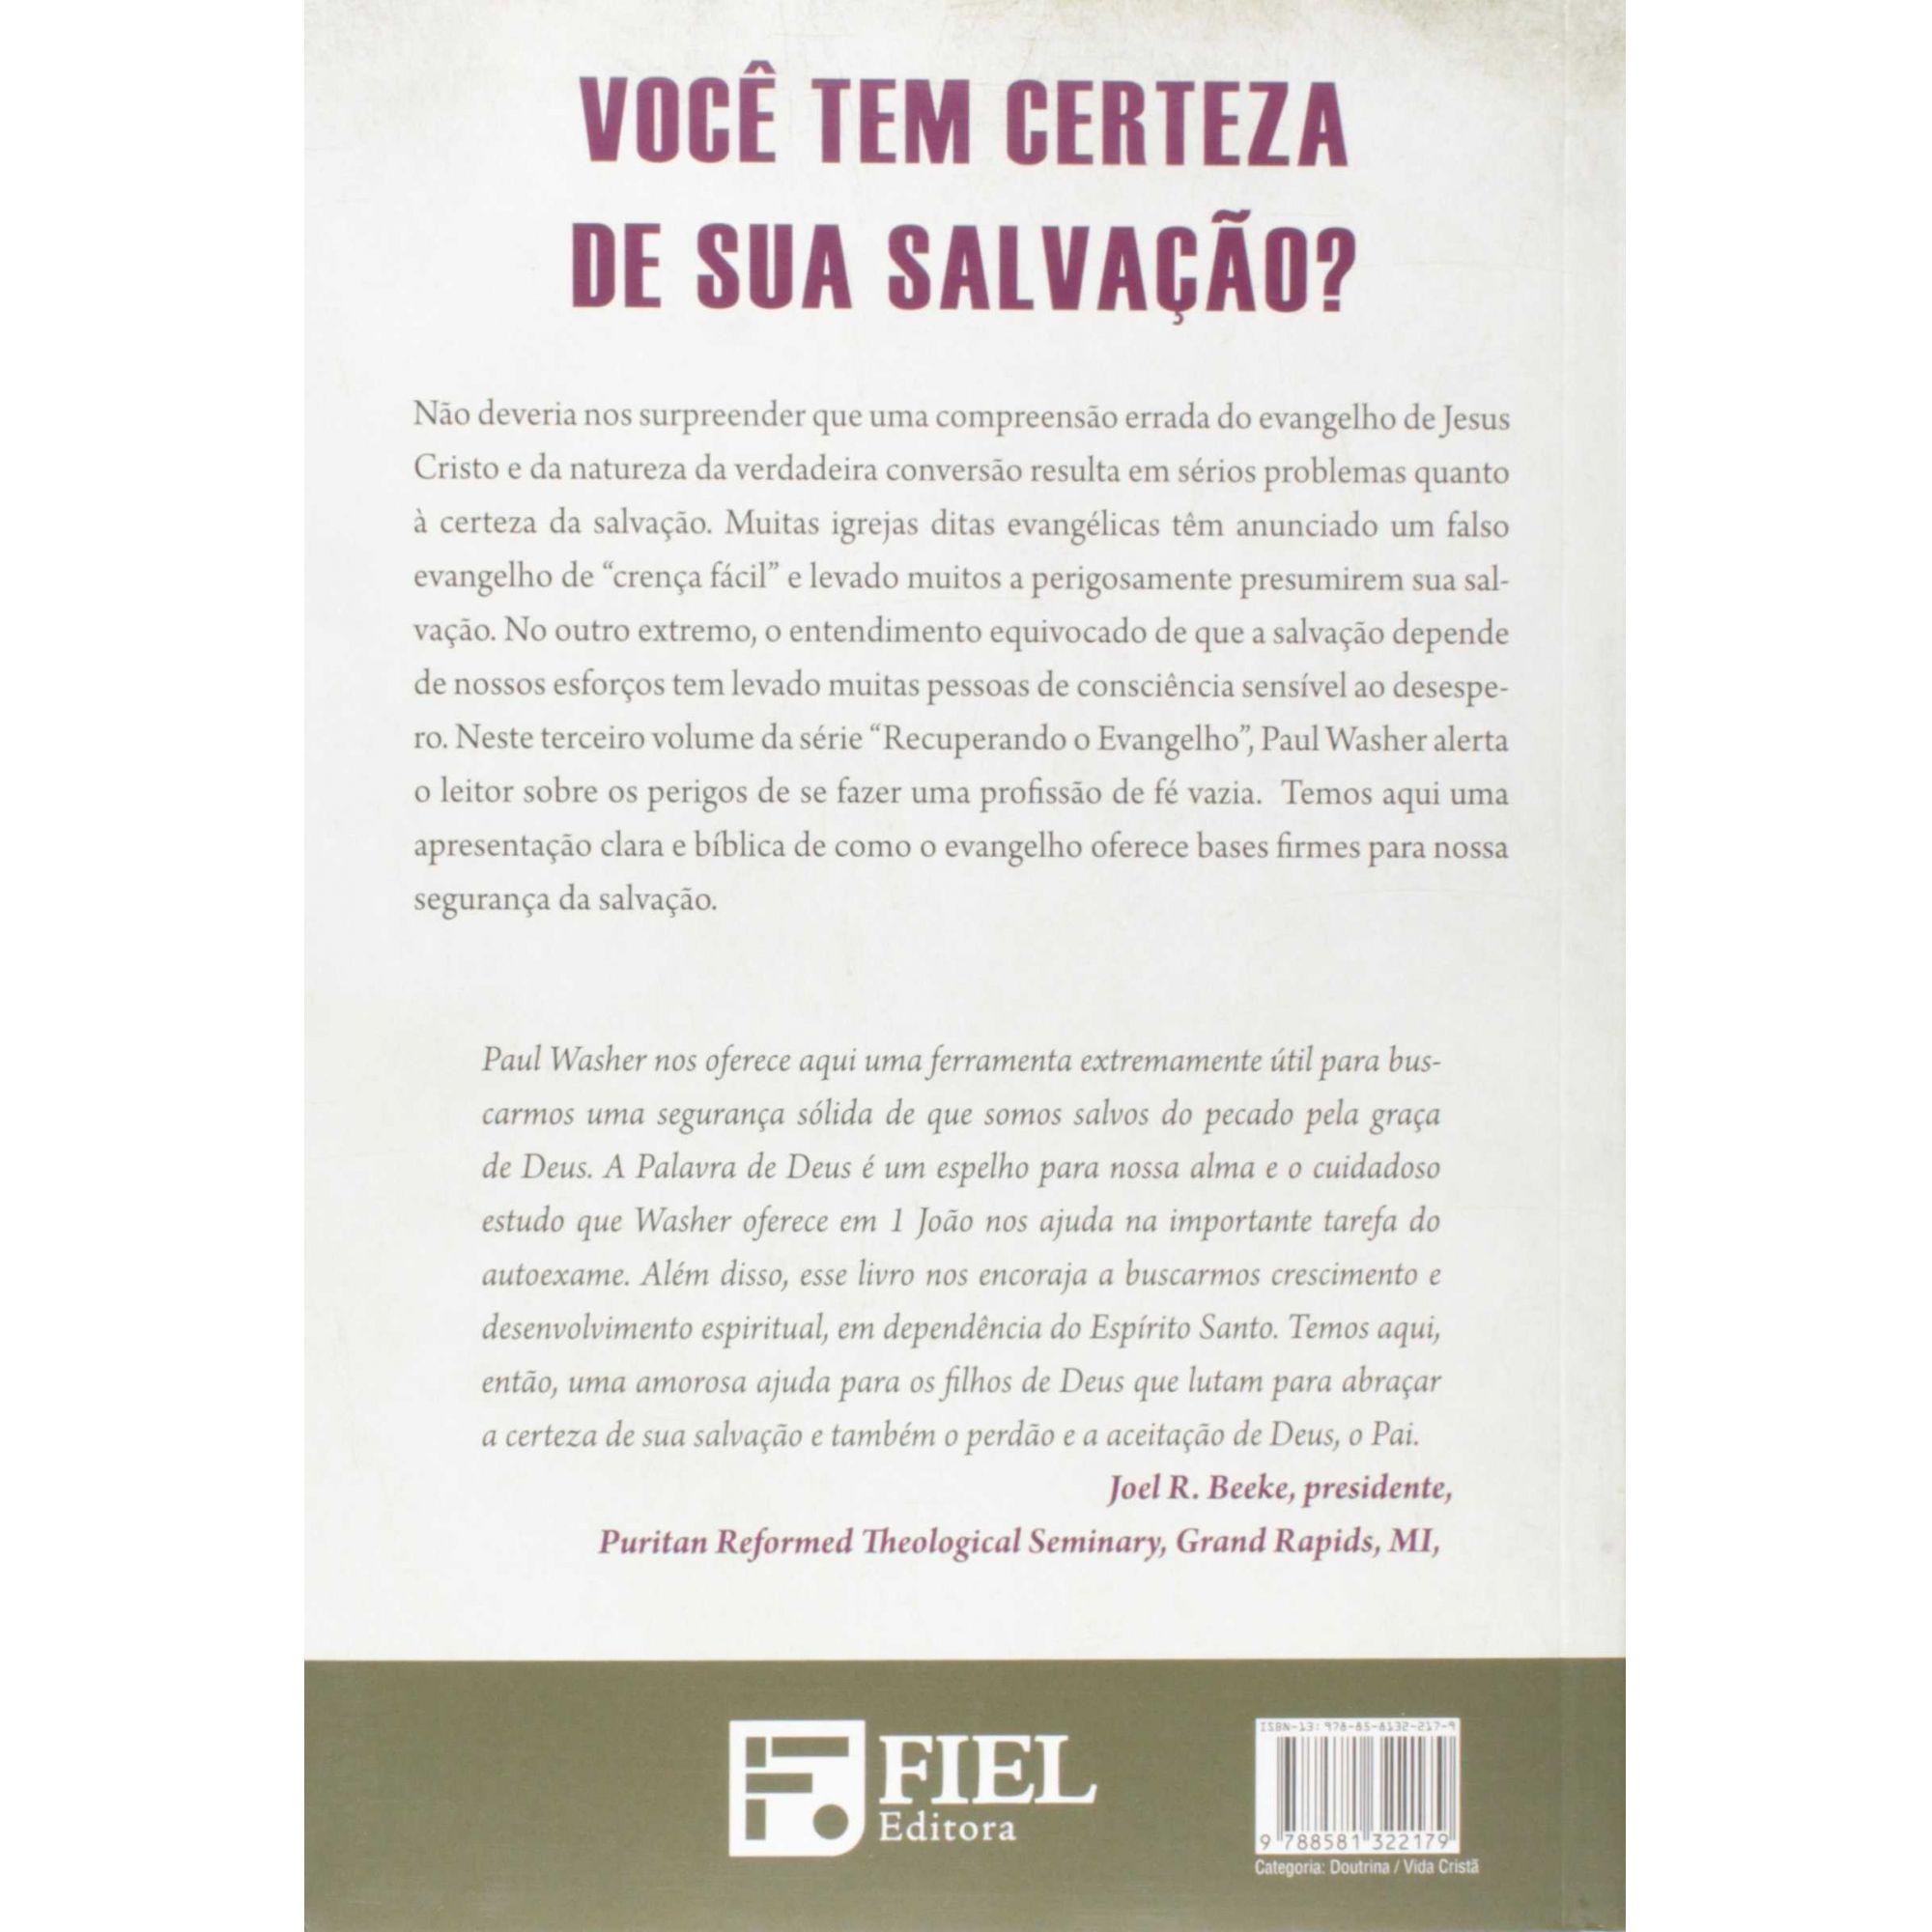 Livro Segurança e Advertências do Evangelho - Paul Washer  - Livraria Betel